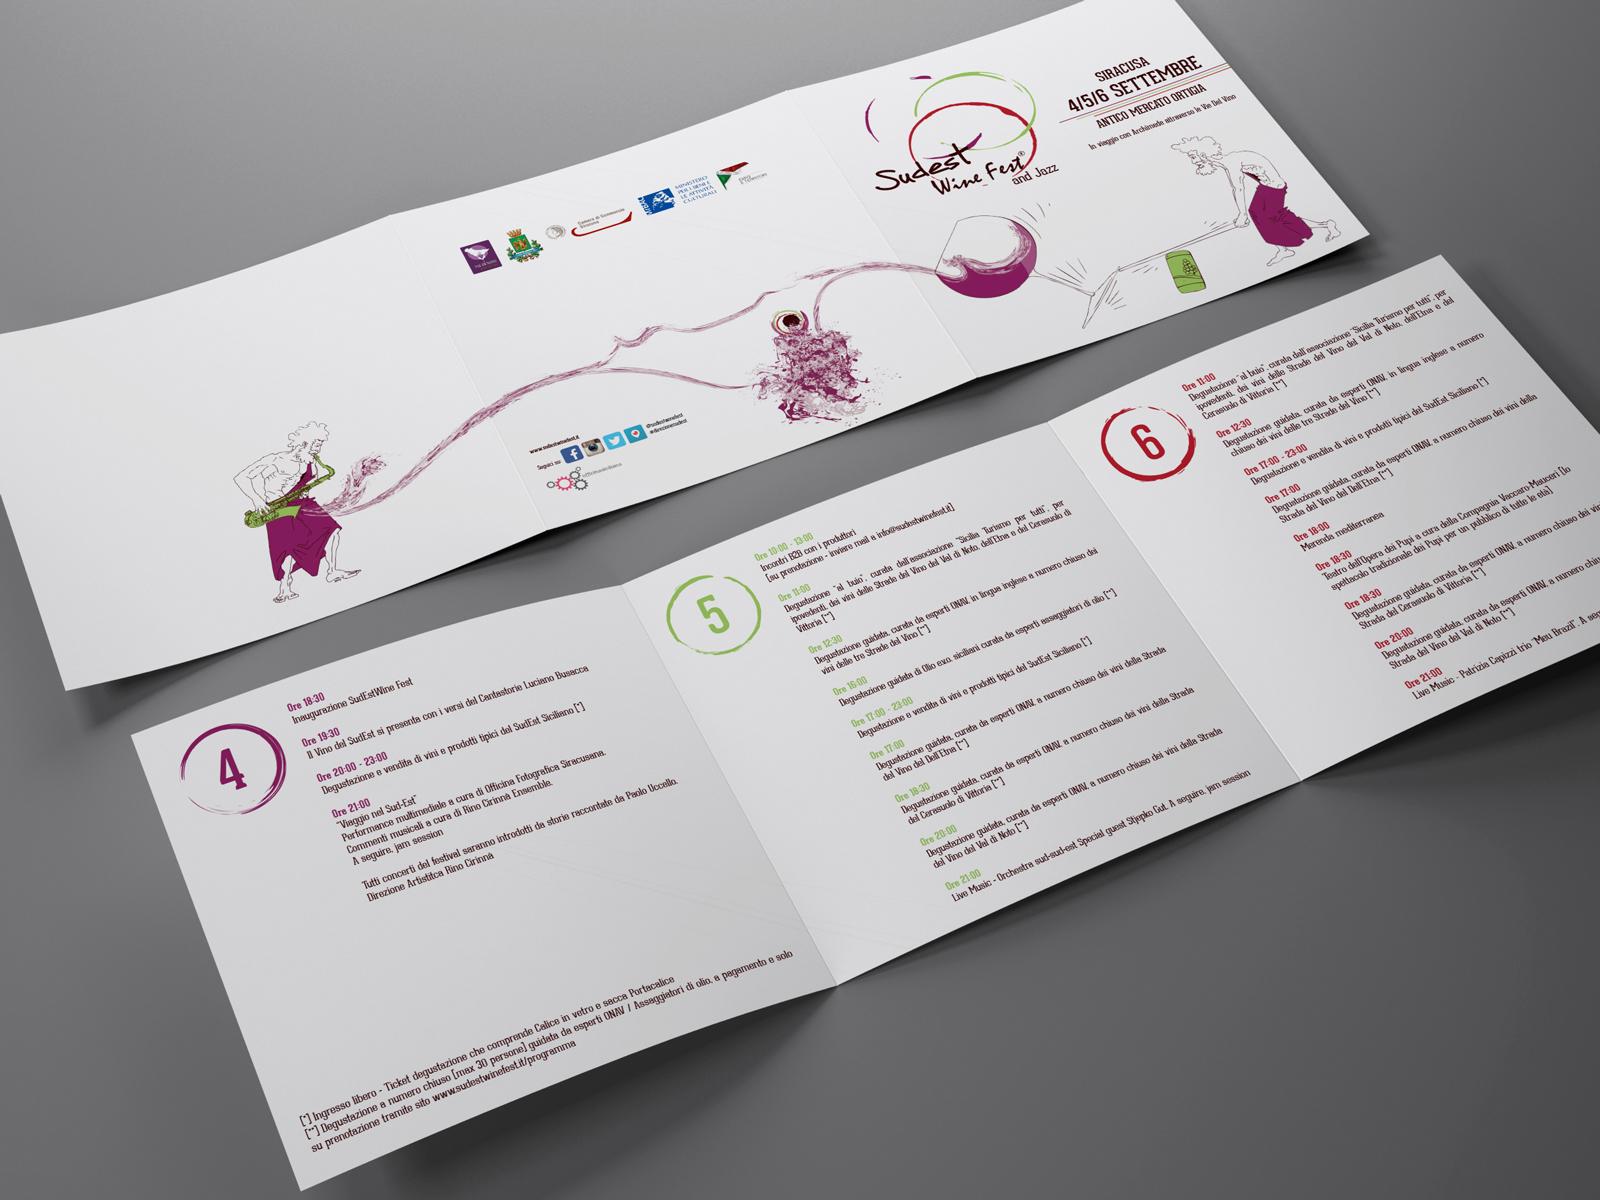 Linea 11 - Grafica, illustrazioni, comunicazione, pubblicità, eventi, siti web, video, company profile, adv